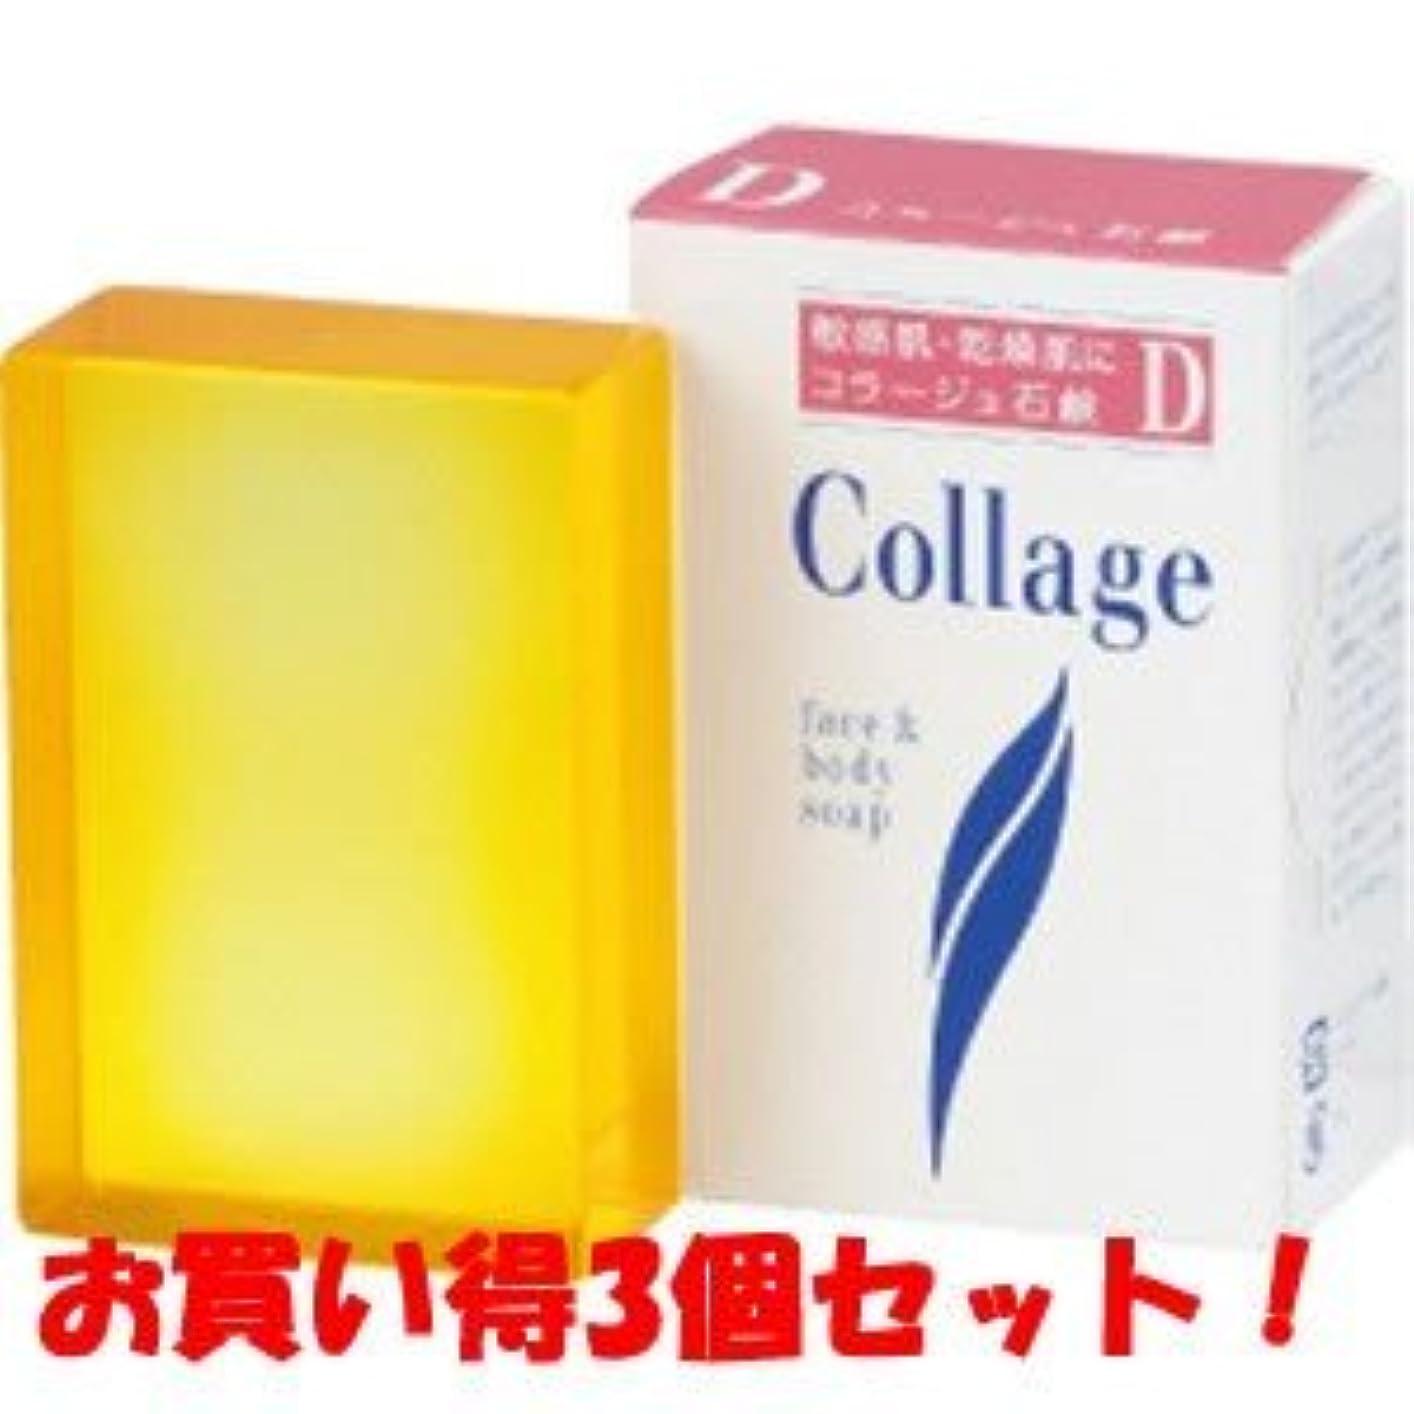 ロビーサポートライラック(持田ヘルスケア)コラージュD乾性肌用石鹸 100g(お買い得3個セット)